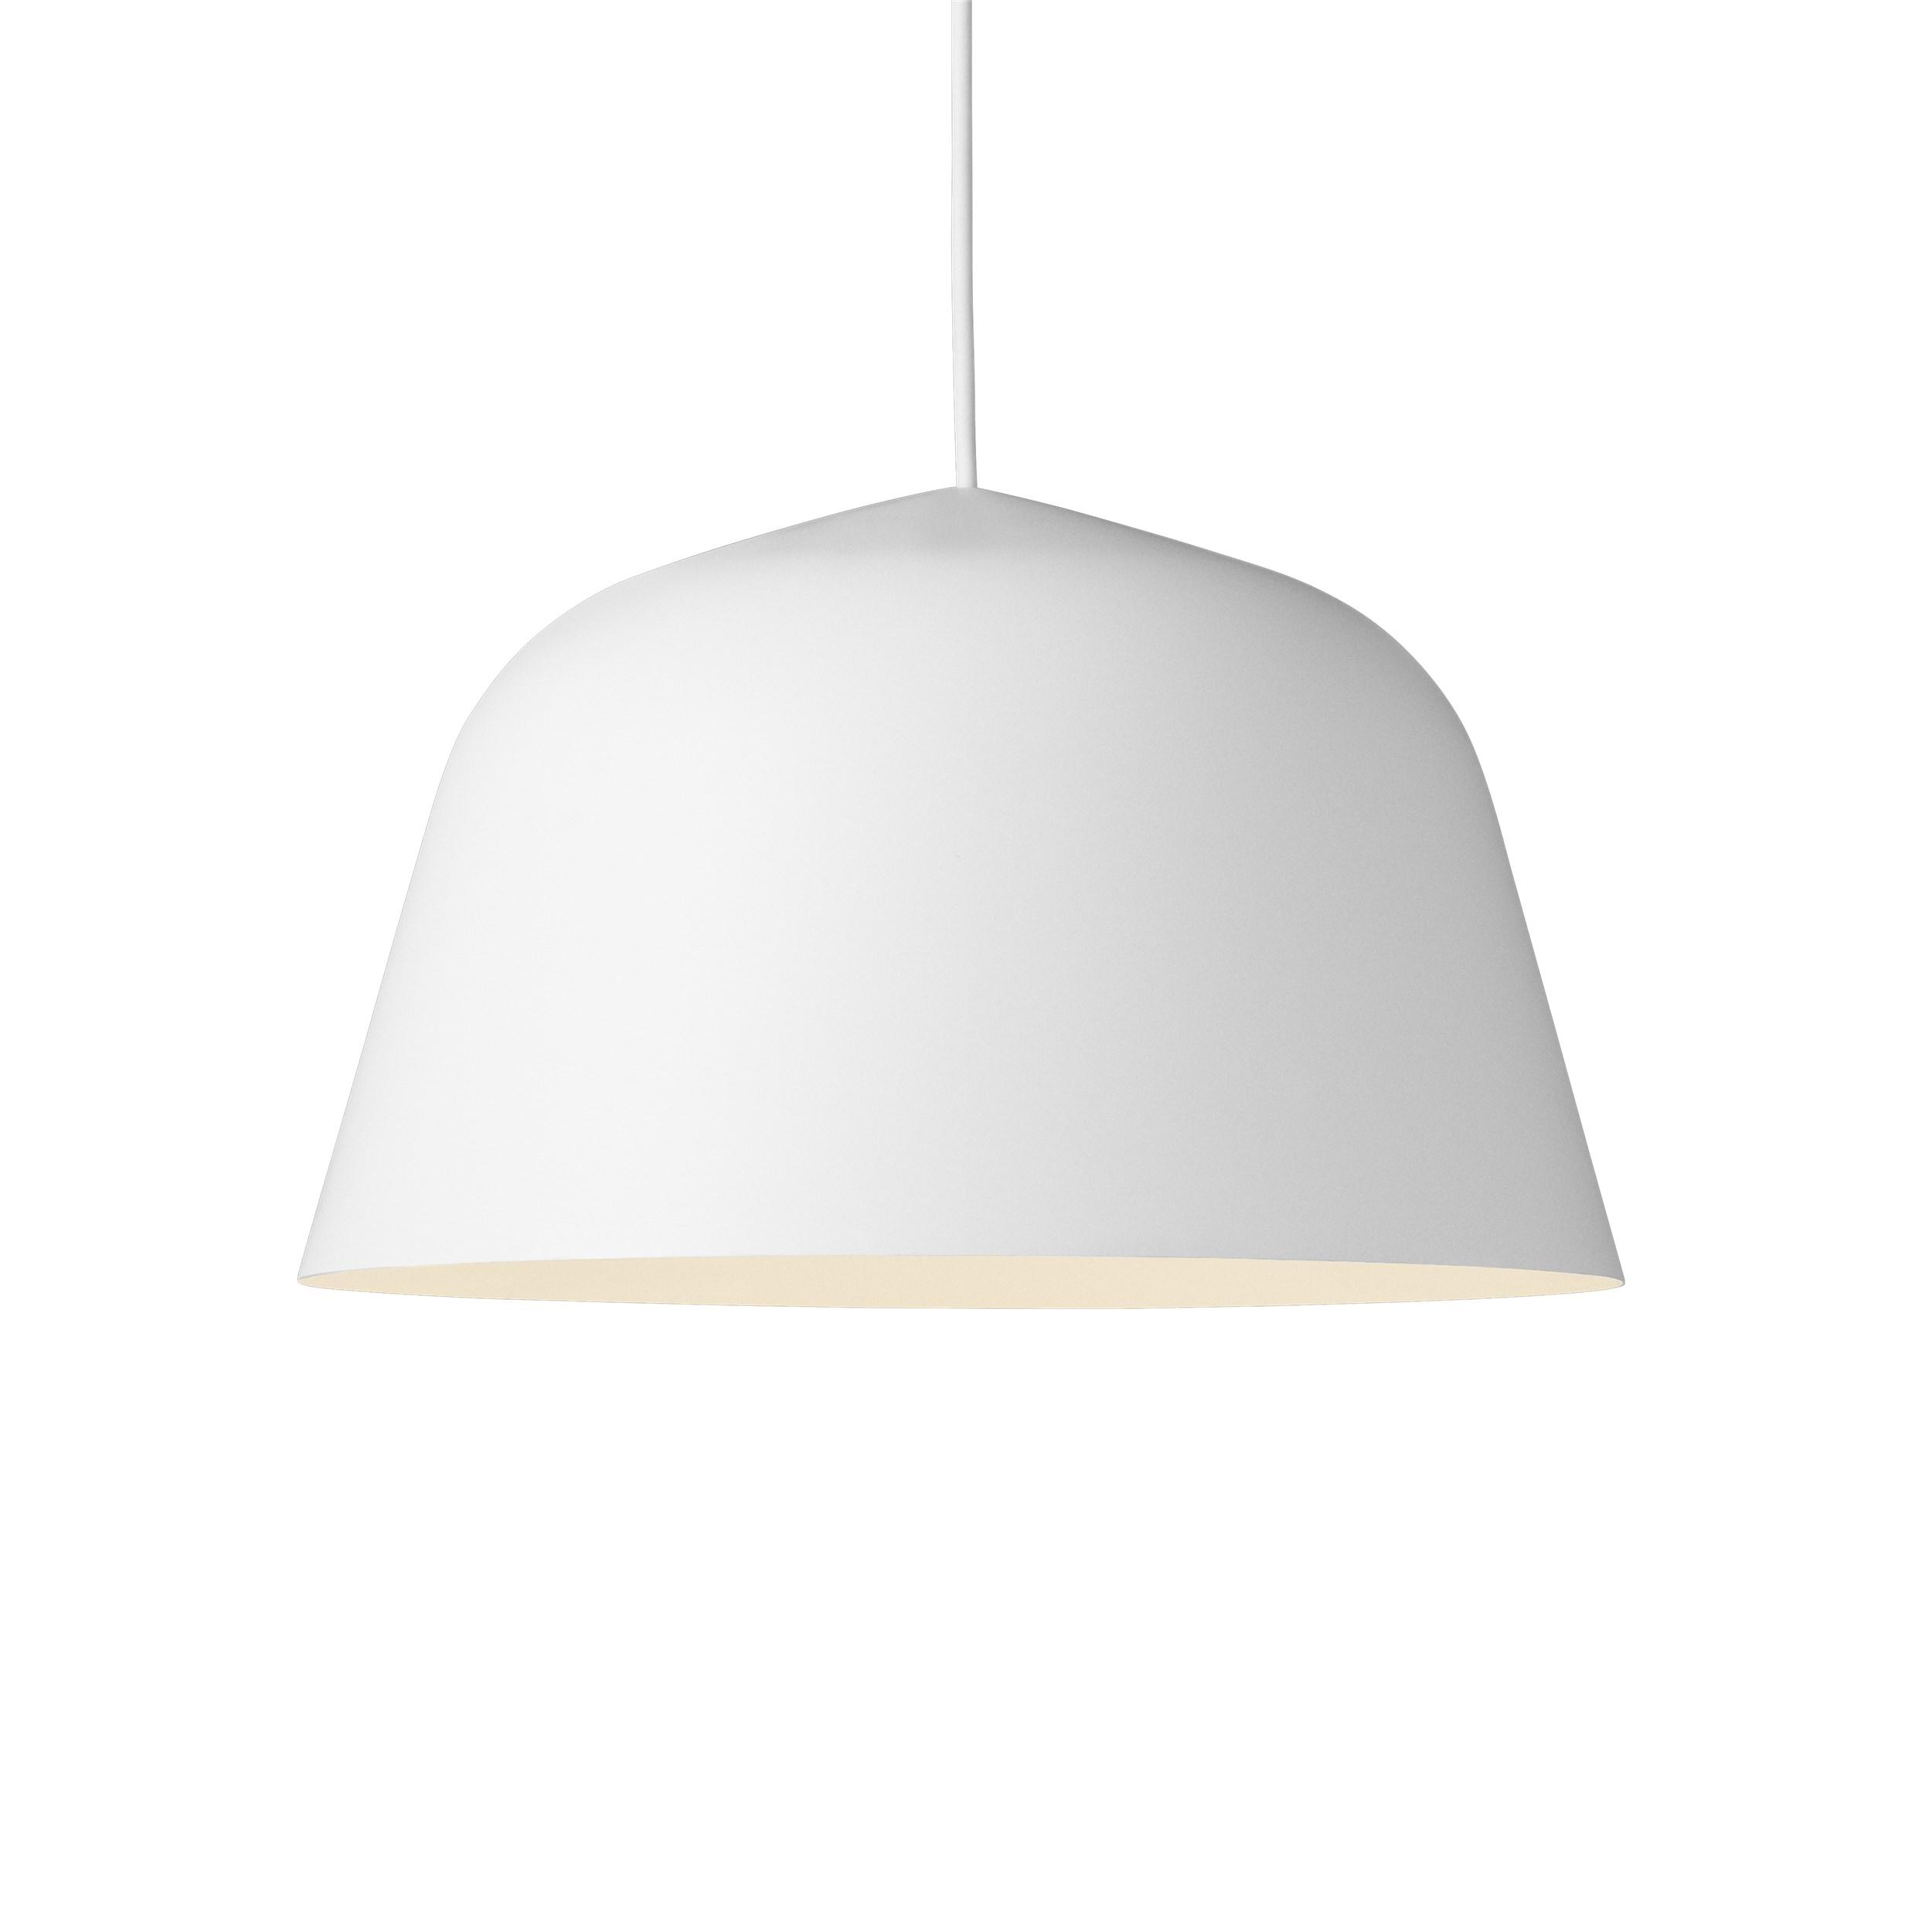 Muuto, Ambit lamp 40, White